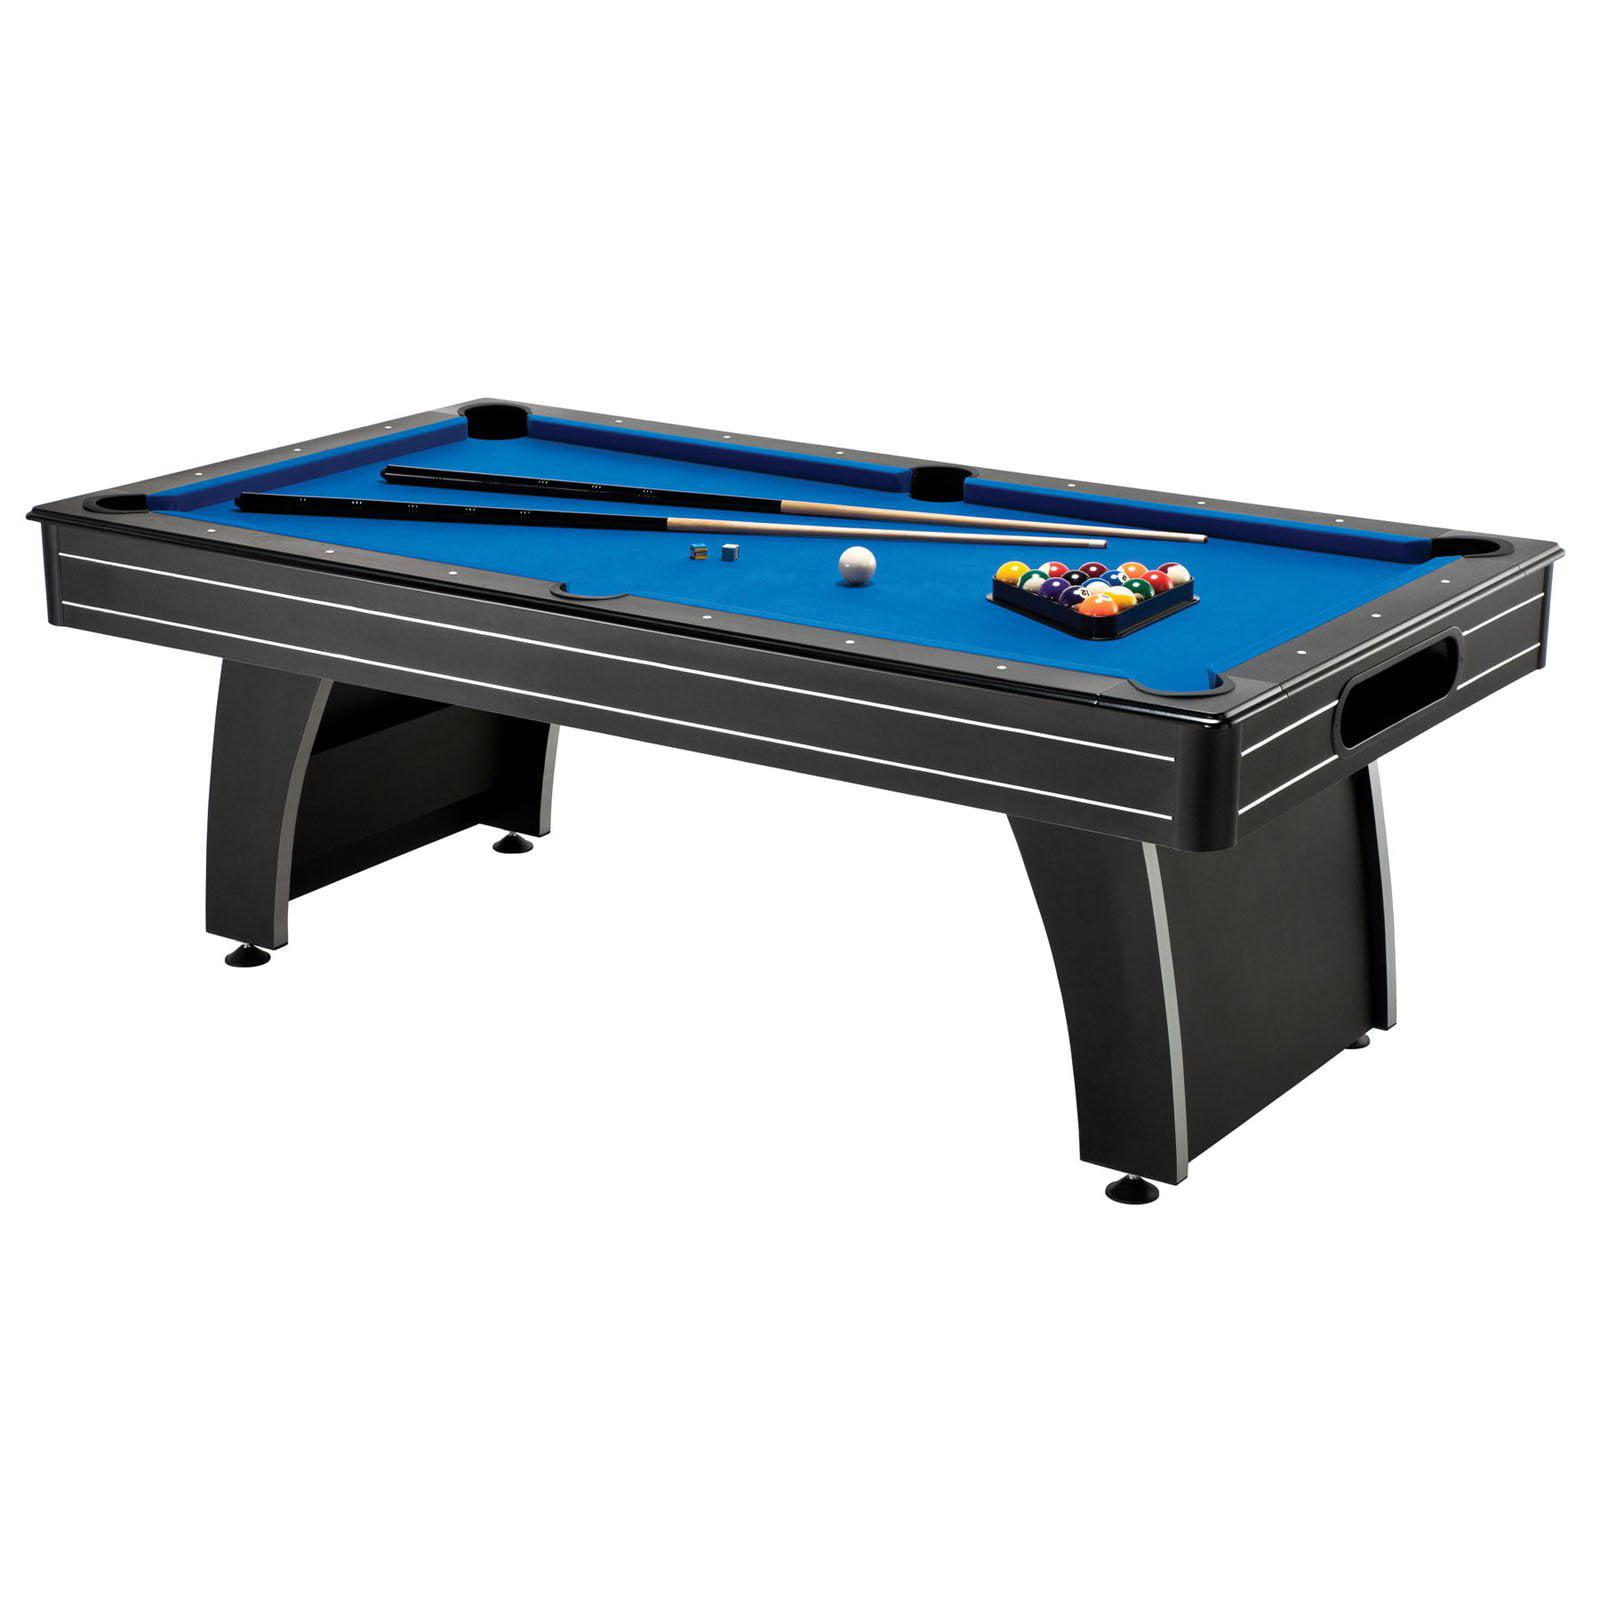 Fat Cat Tucson MMXI 7' Pool Table